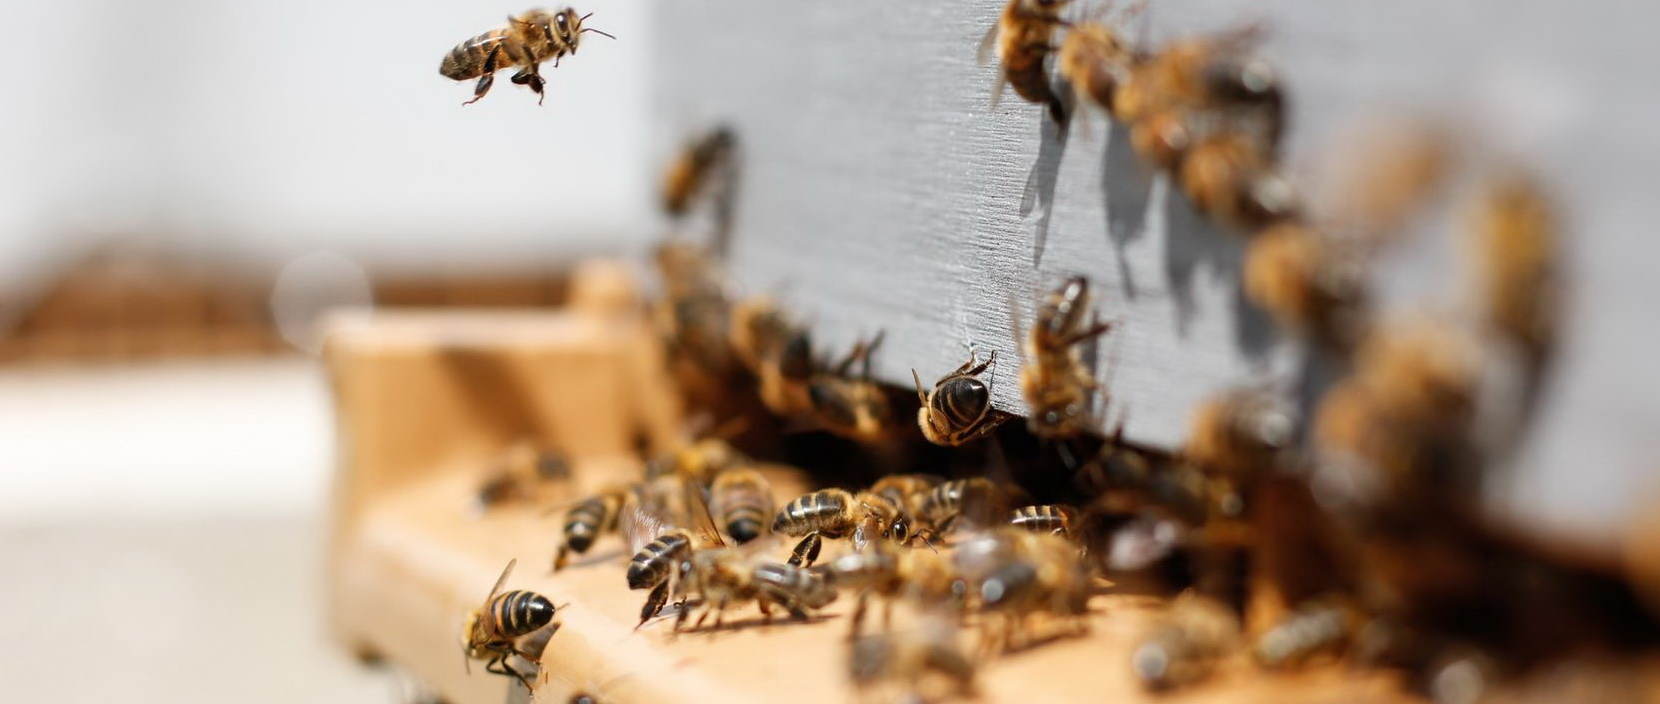 adotta un arnia api miele ronchello